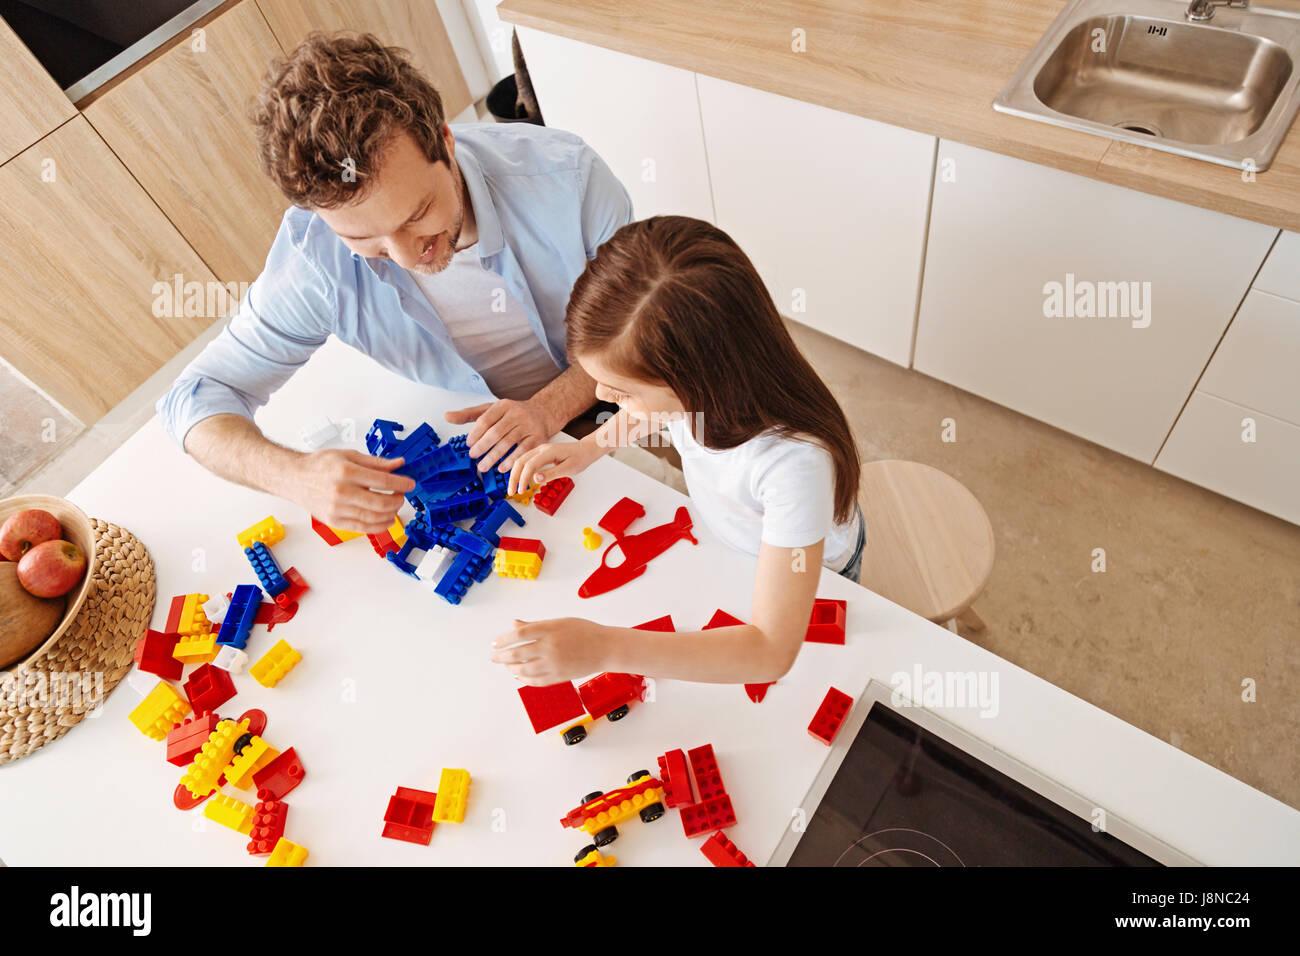 In vollem Gange. Fröhlich lächelnd Vater und seiner kleinen Tochter wird total engagiert zusammen spielen, Stockbild